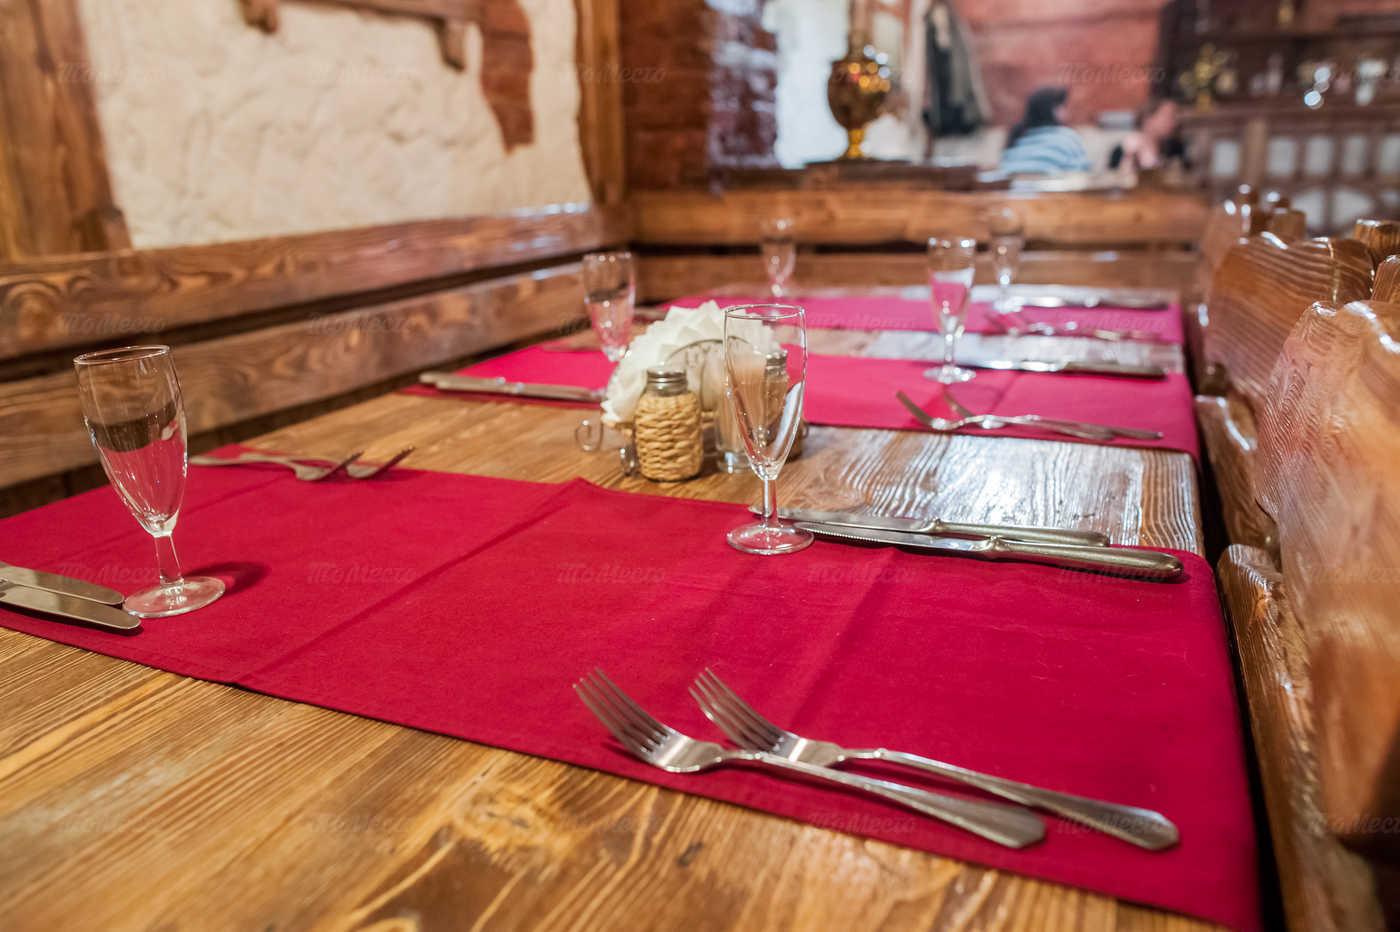 Бар, ресторан Каретный дворик в набережной канале Грибоедовой фото 2